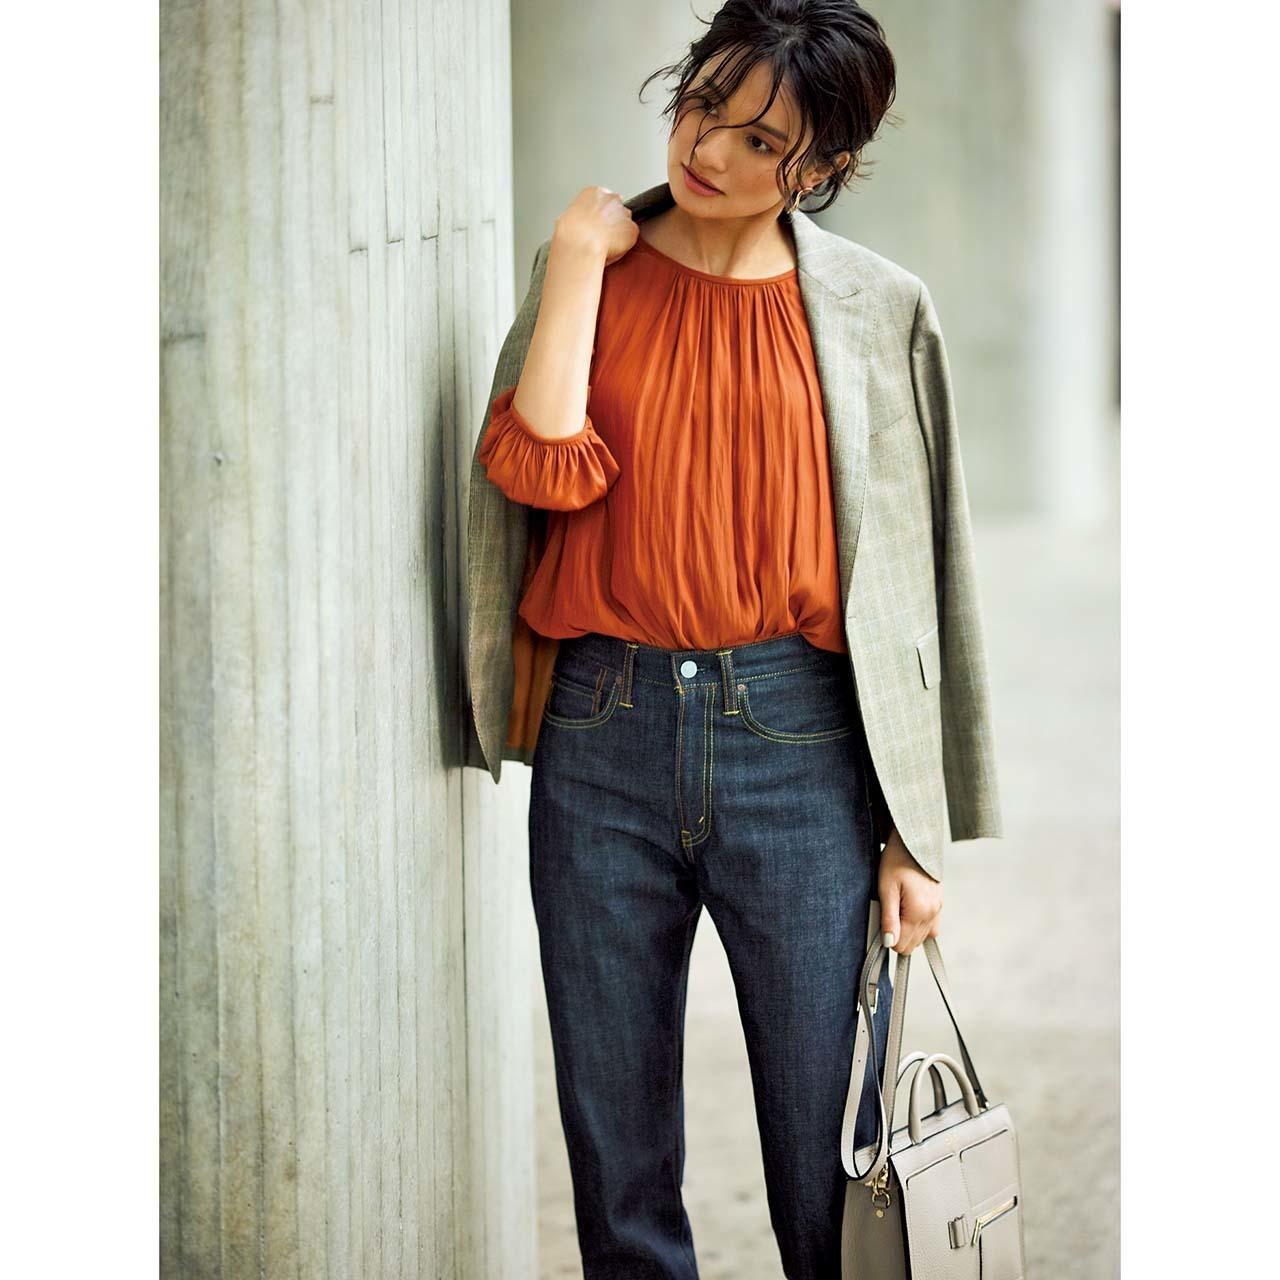 ファッション ベージュジャケット×テラコッタブラウン色のブラウスコーデ